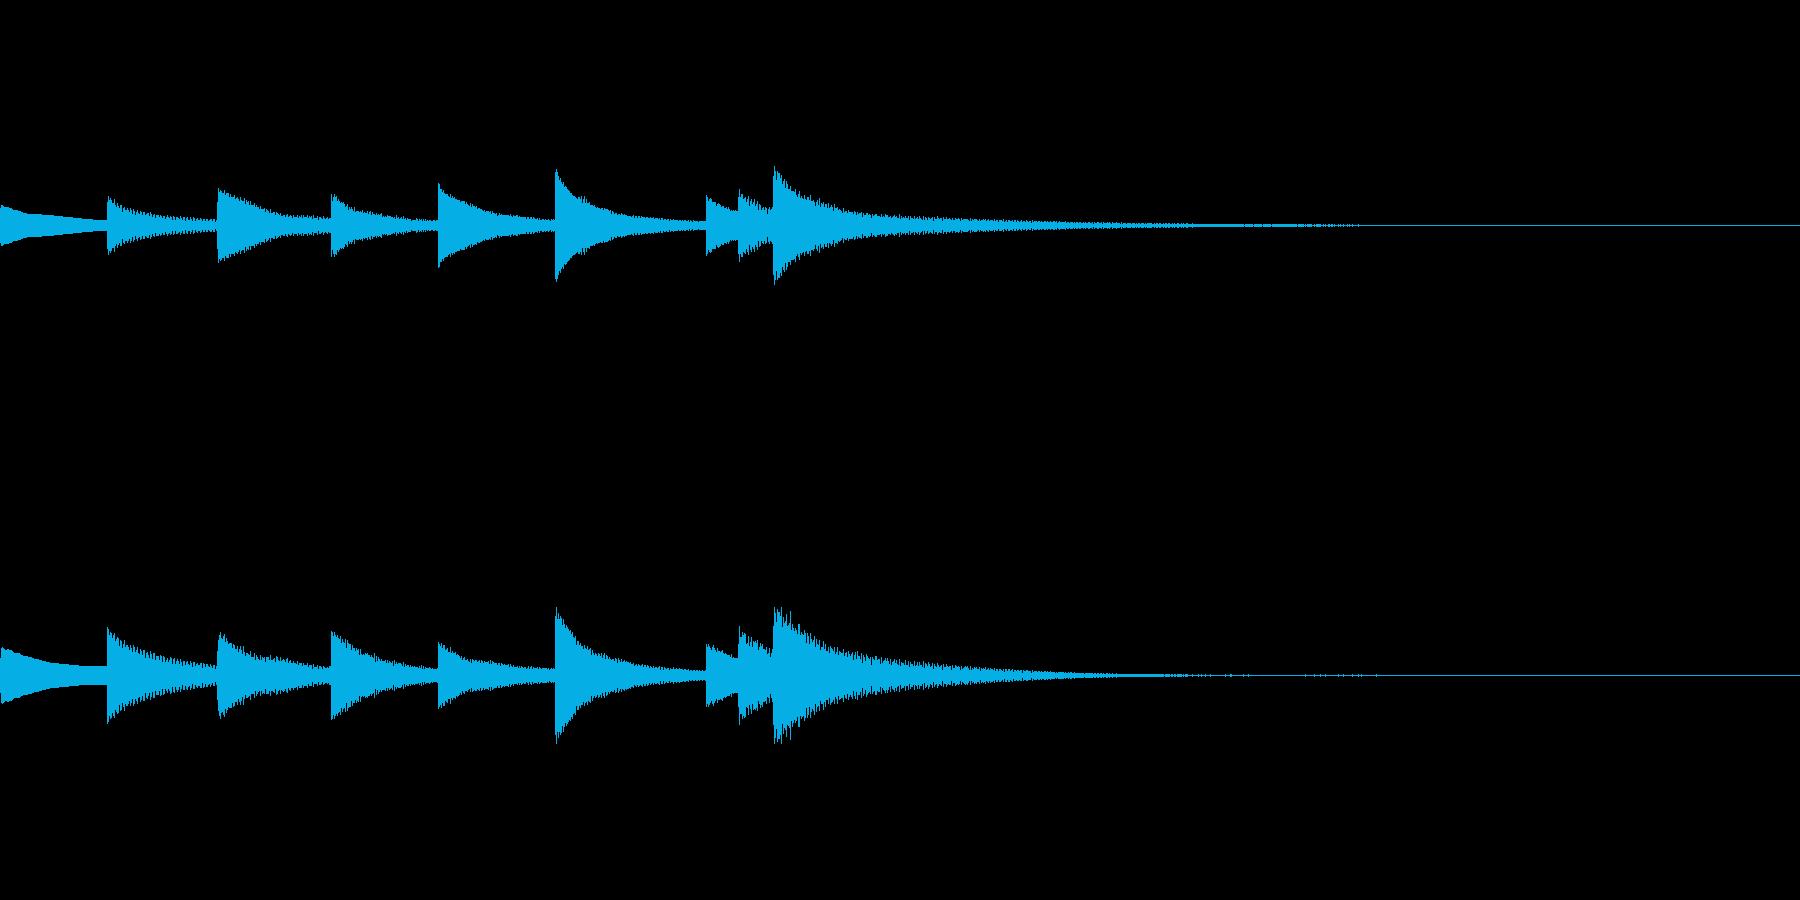 爽やかなベルの音が印象的なジングルの再生済みの波形